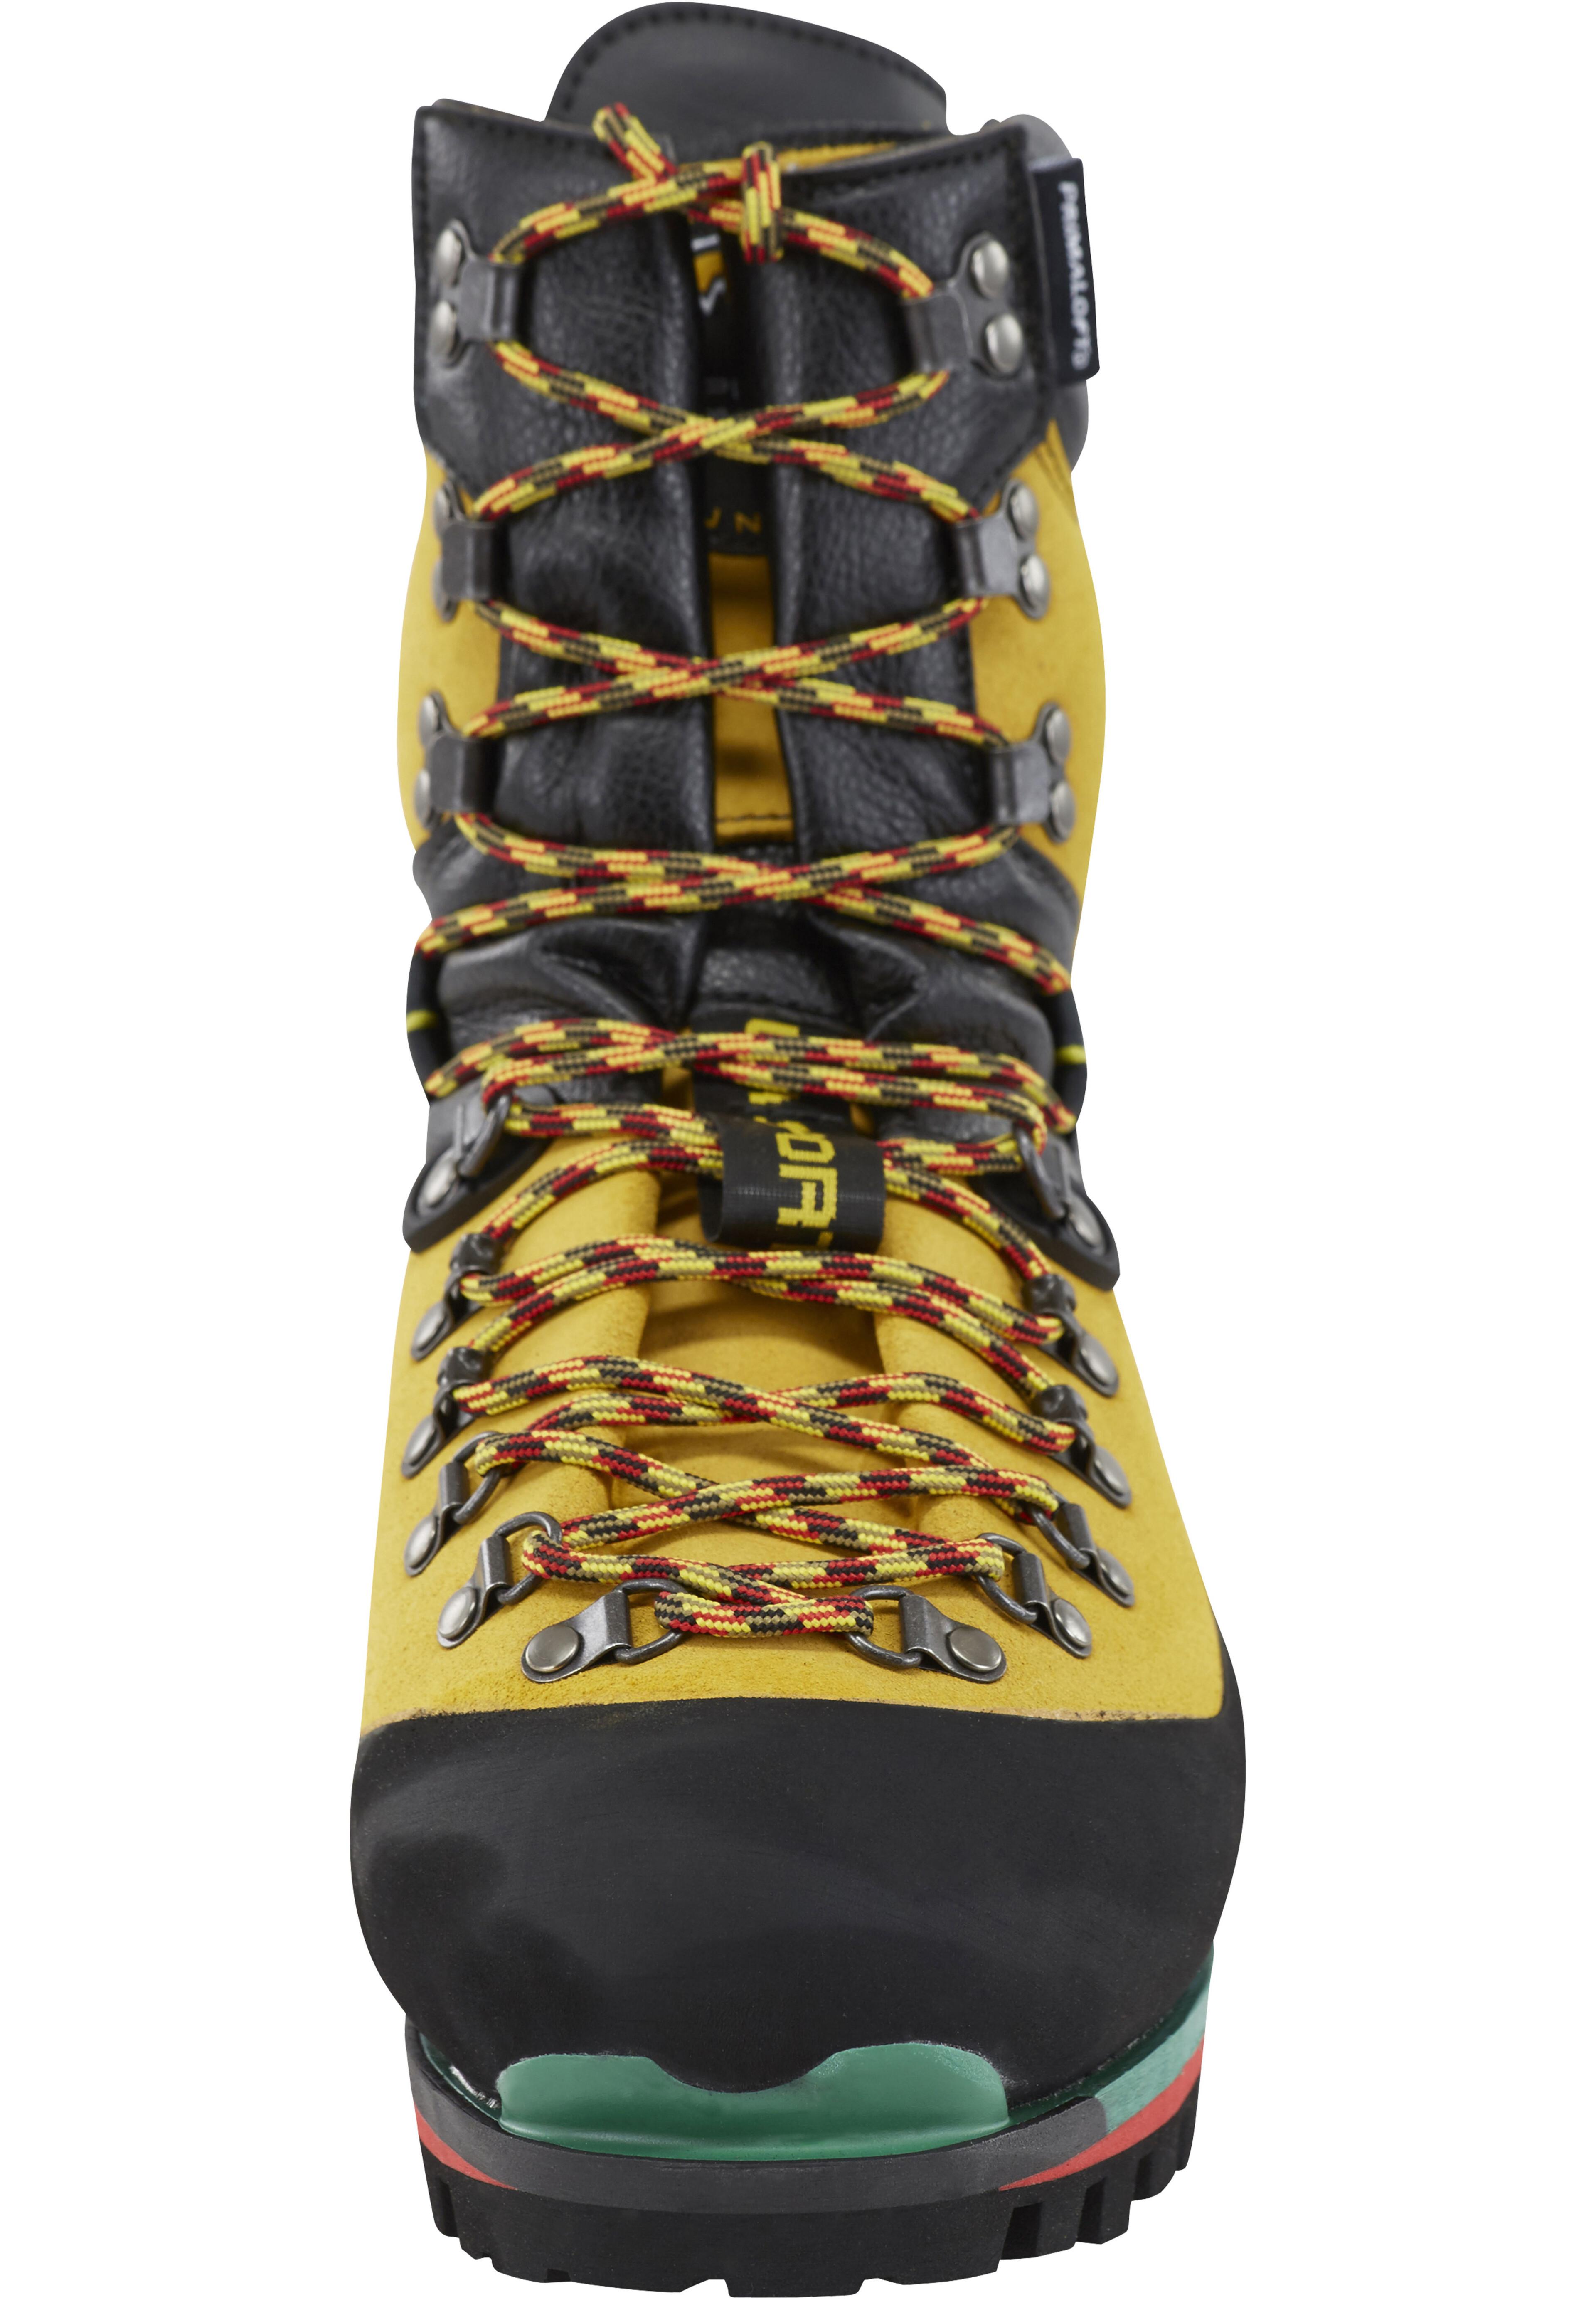 La Sportiva Nepal Extreme Scarpe giallo nero su Addnature 614b7e7b435